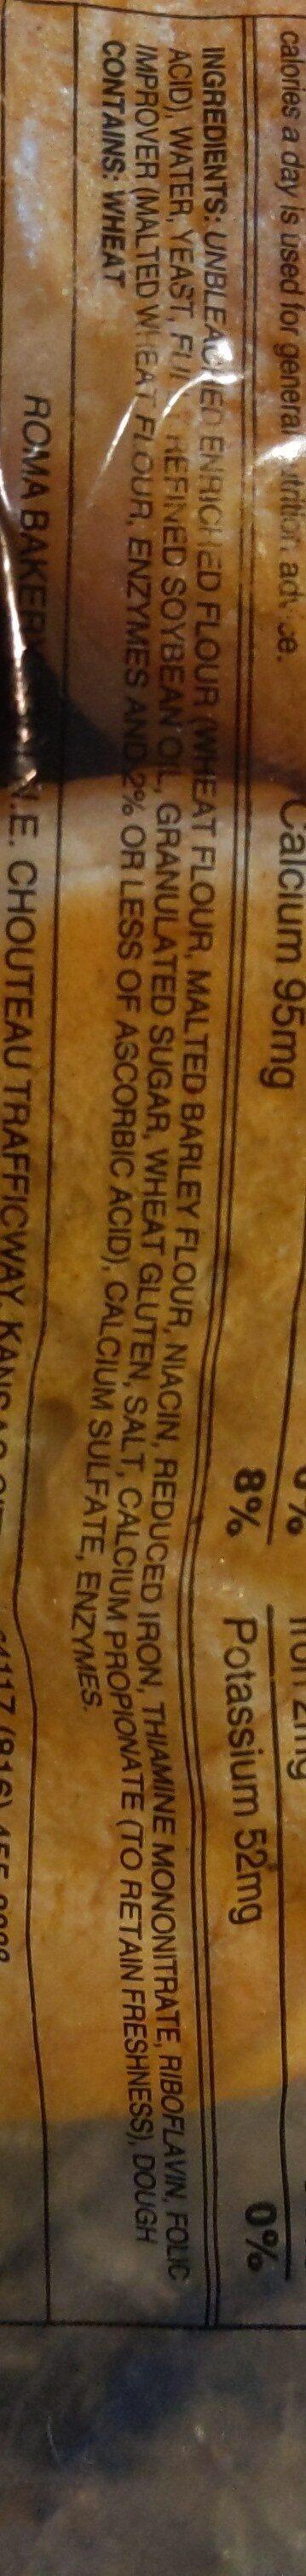 roma buns - Ingredients - en